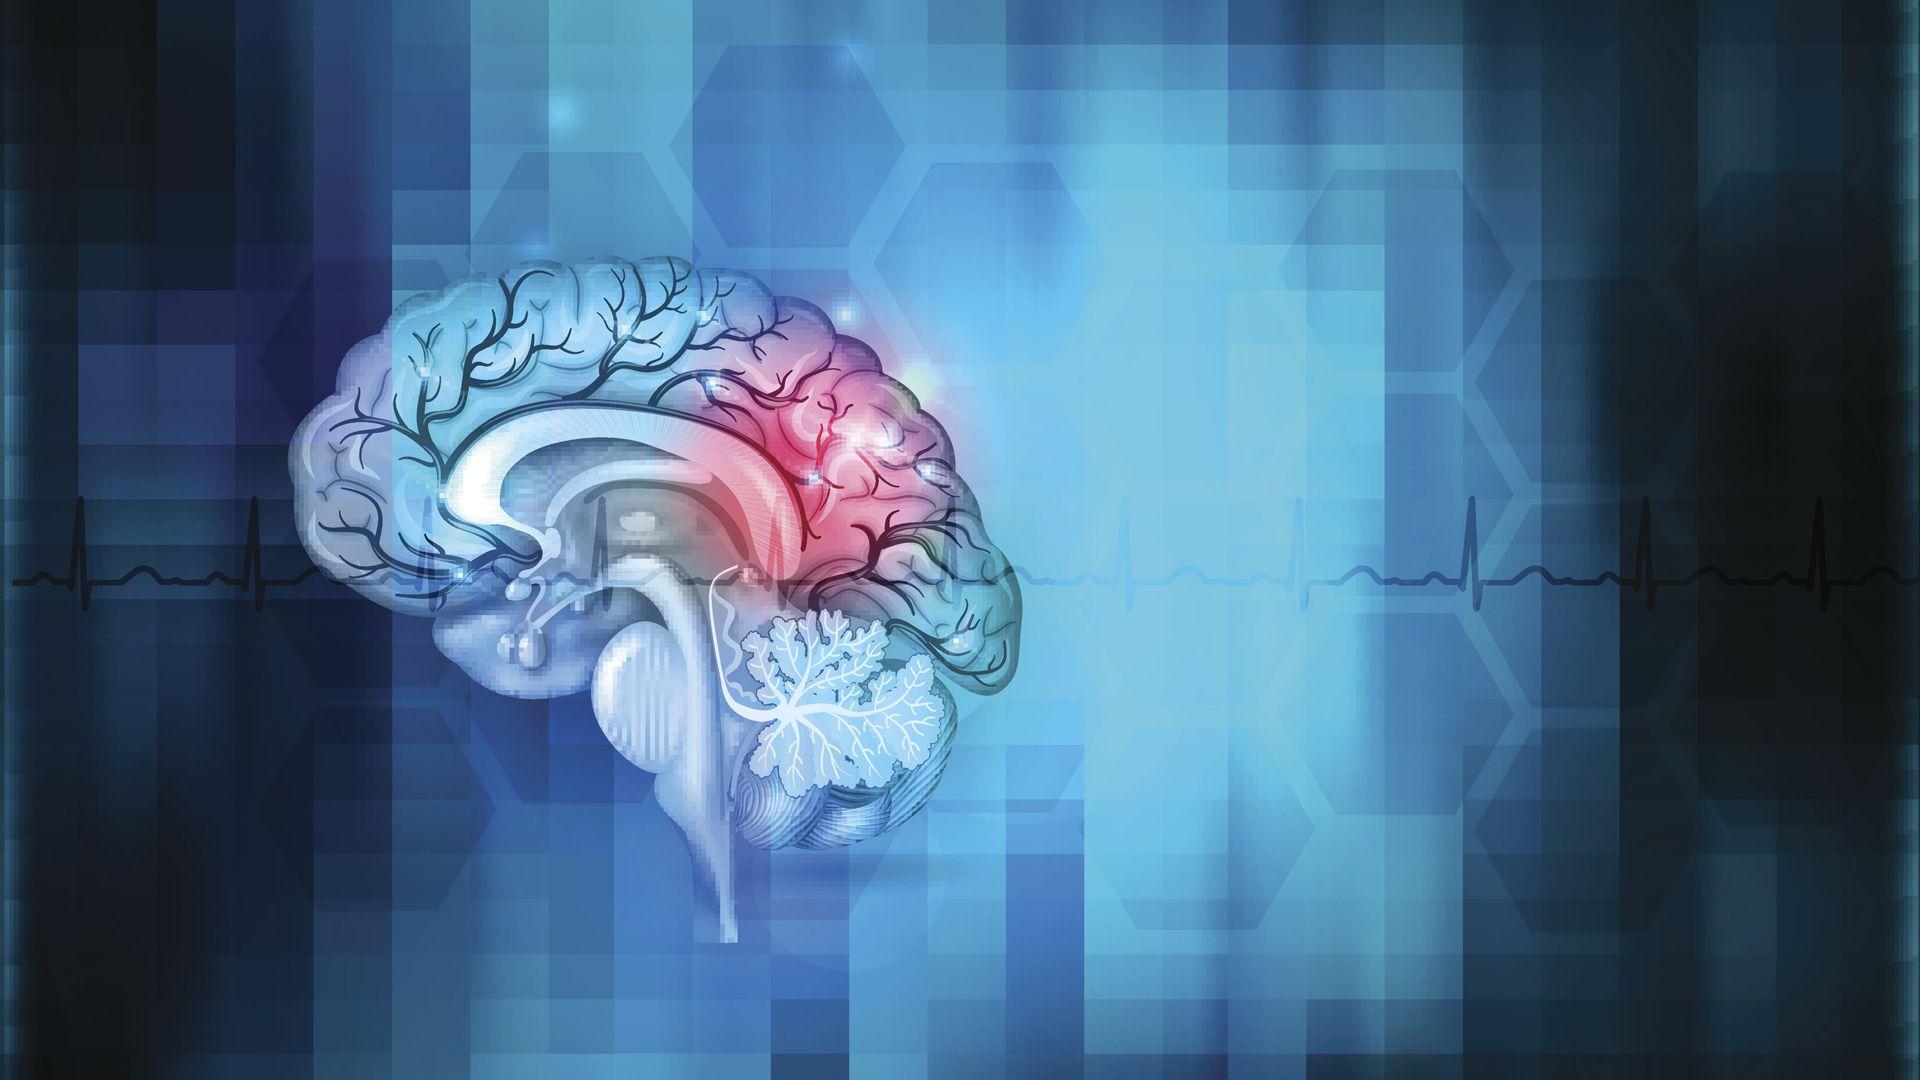 Dibujo abstracto del cerebro humano (Getty/iStock)